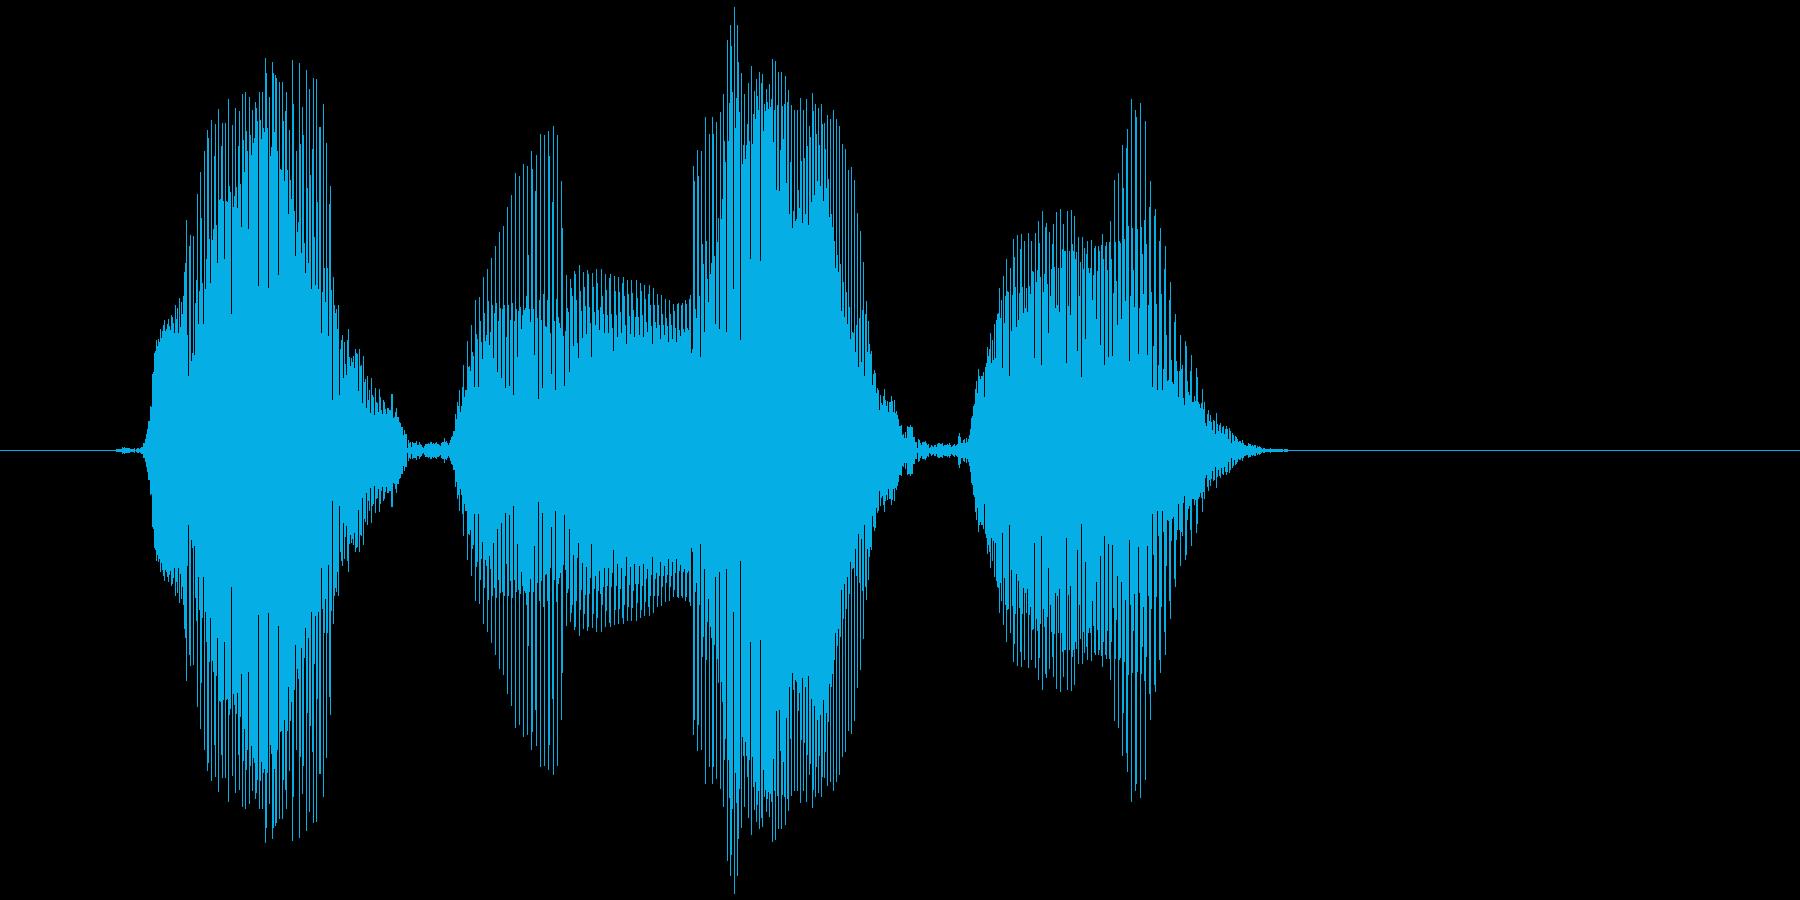 「モグモグ」の再生済みの波形